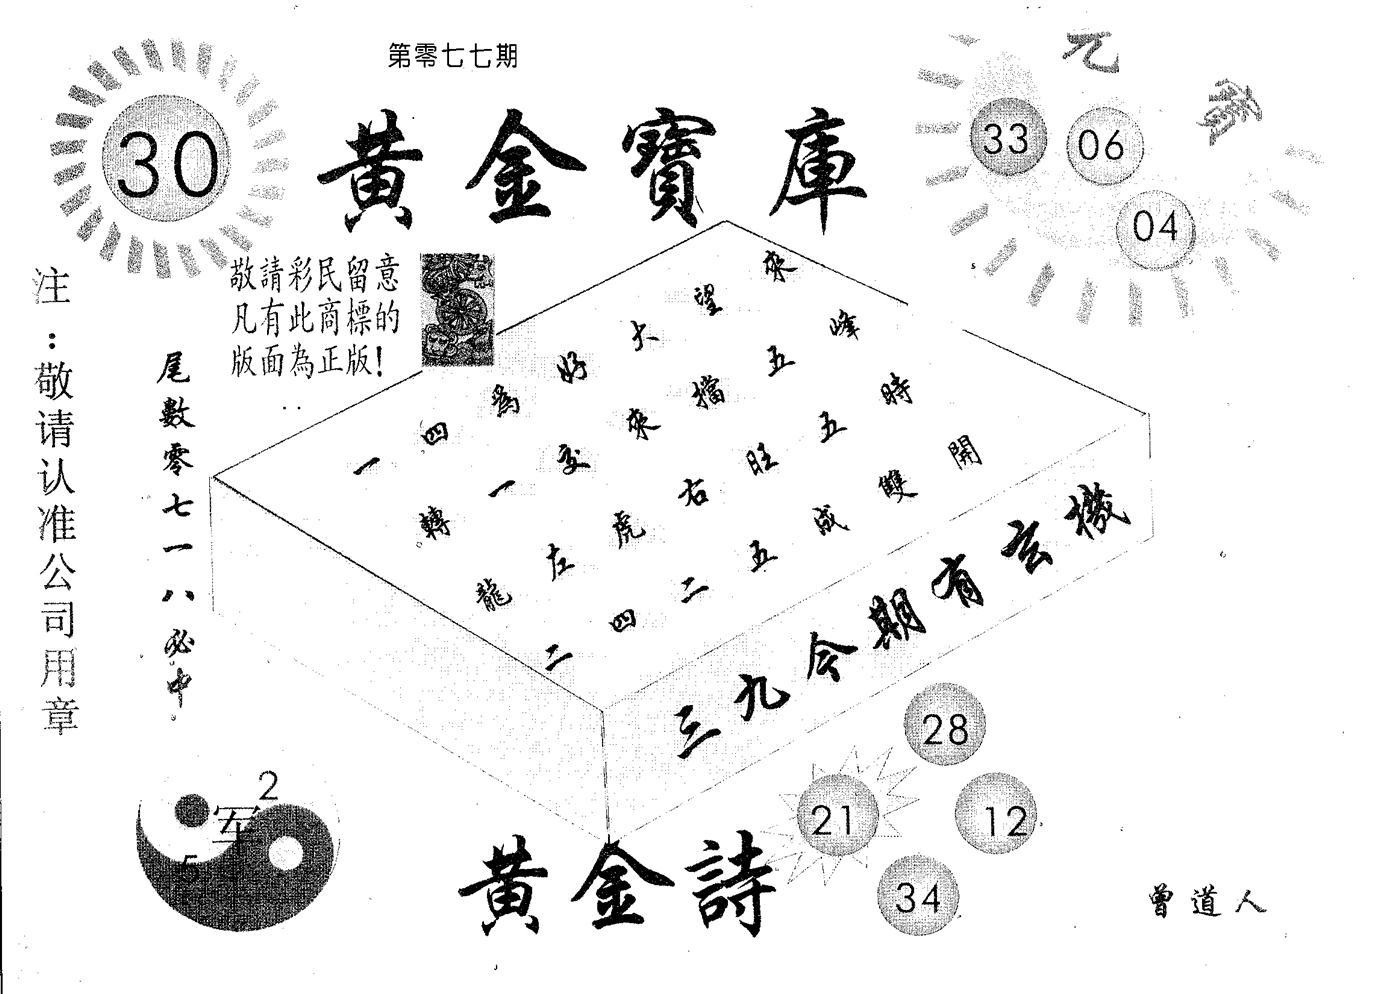 077期黄金宝库(黑白)